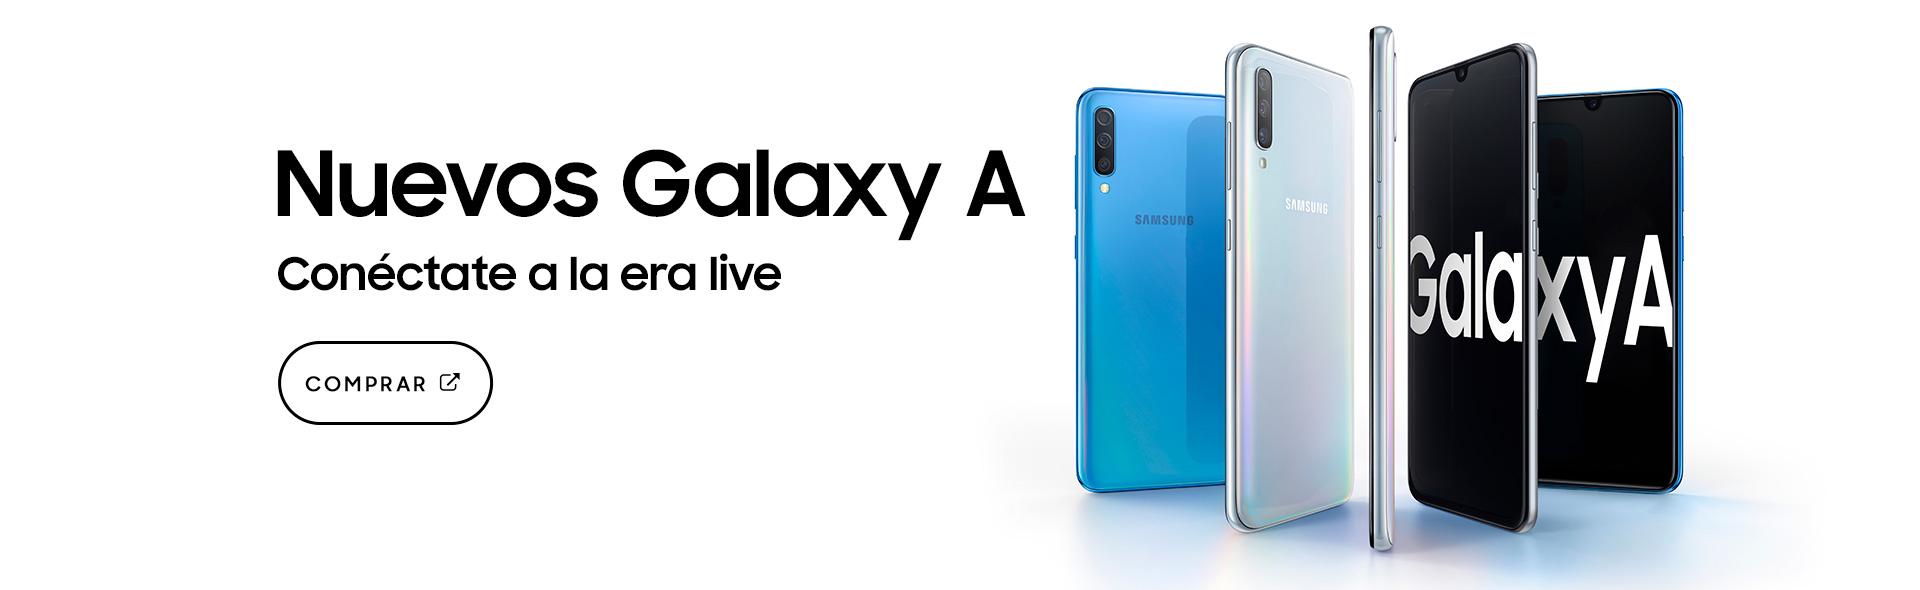 Nuevos Galaxy A